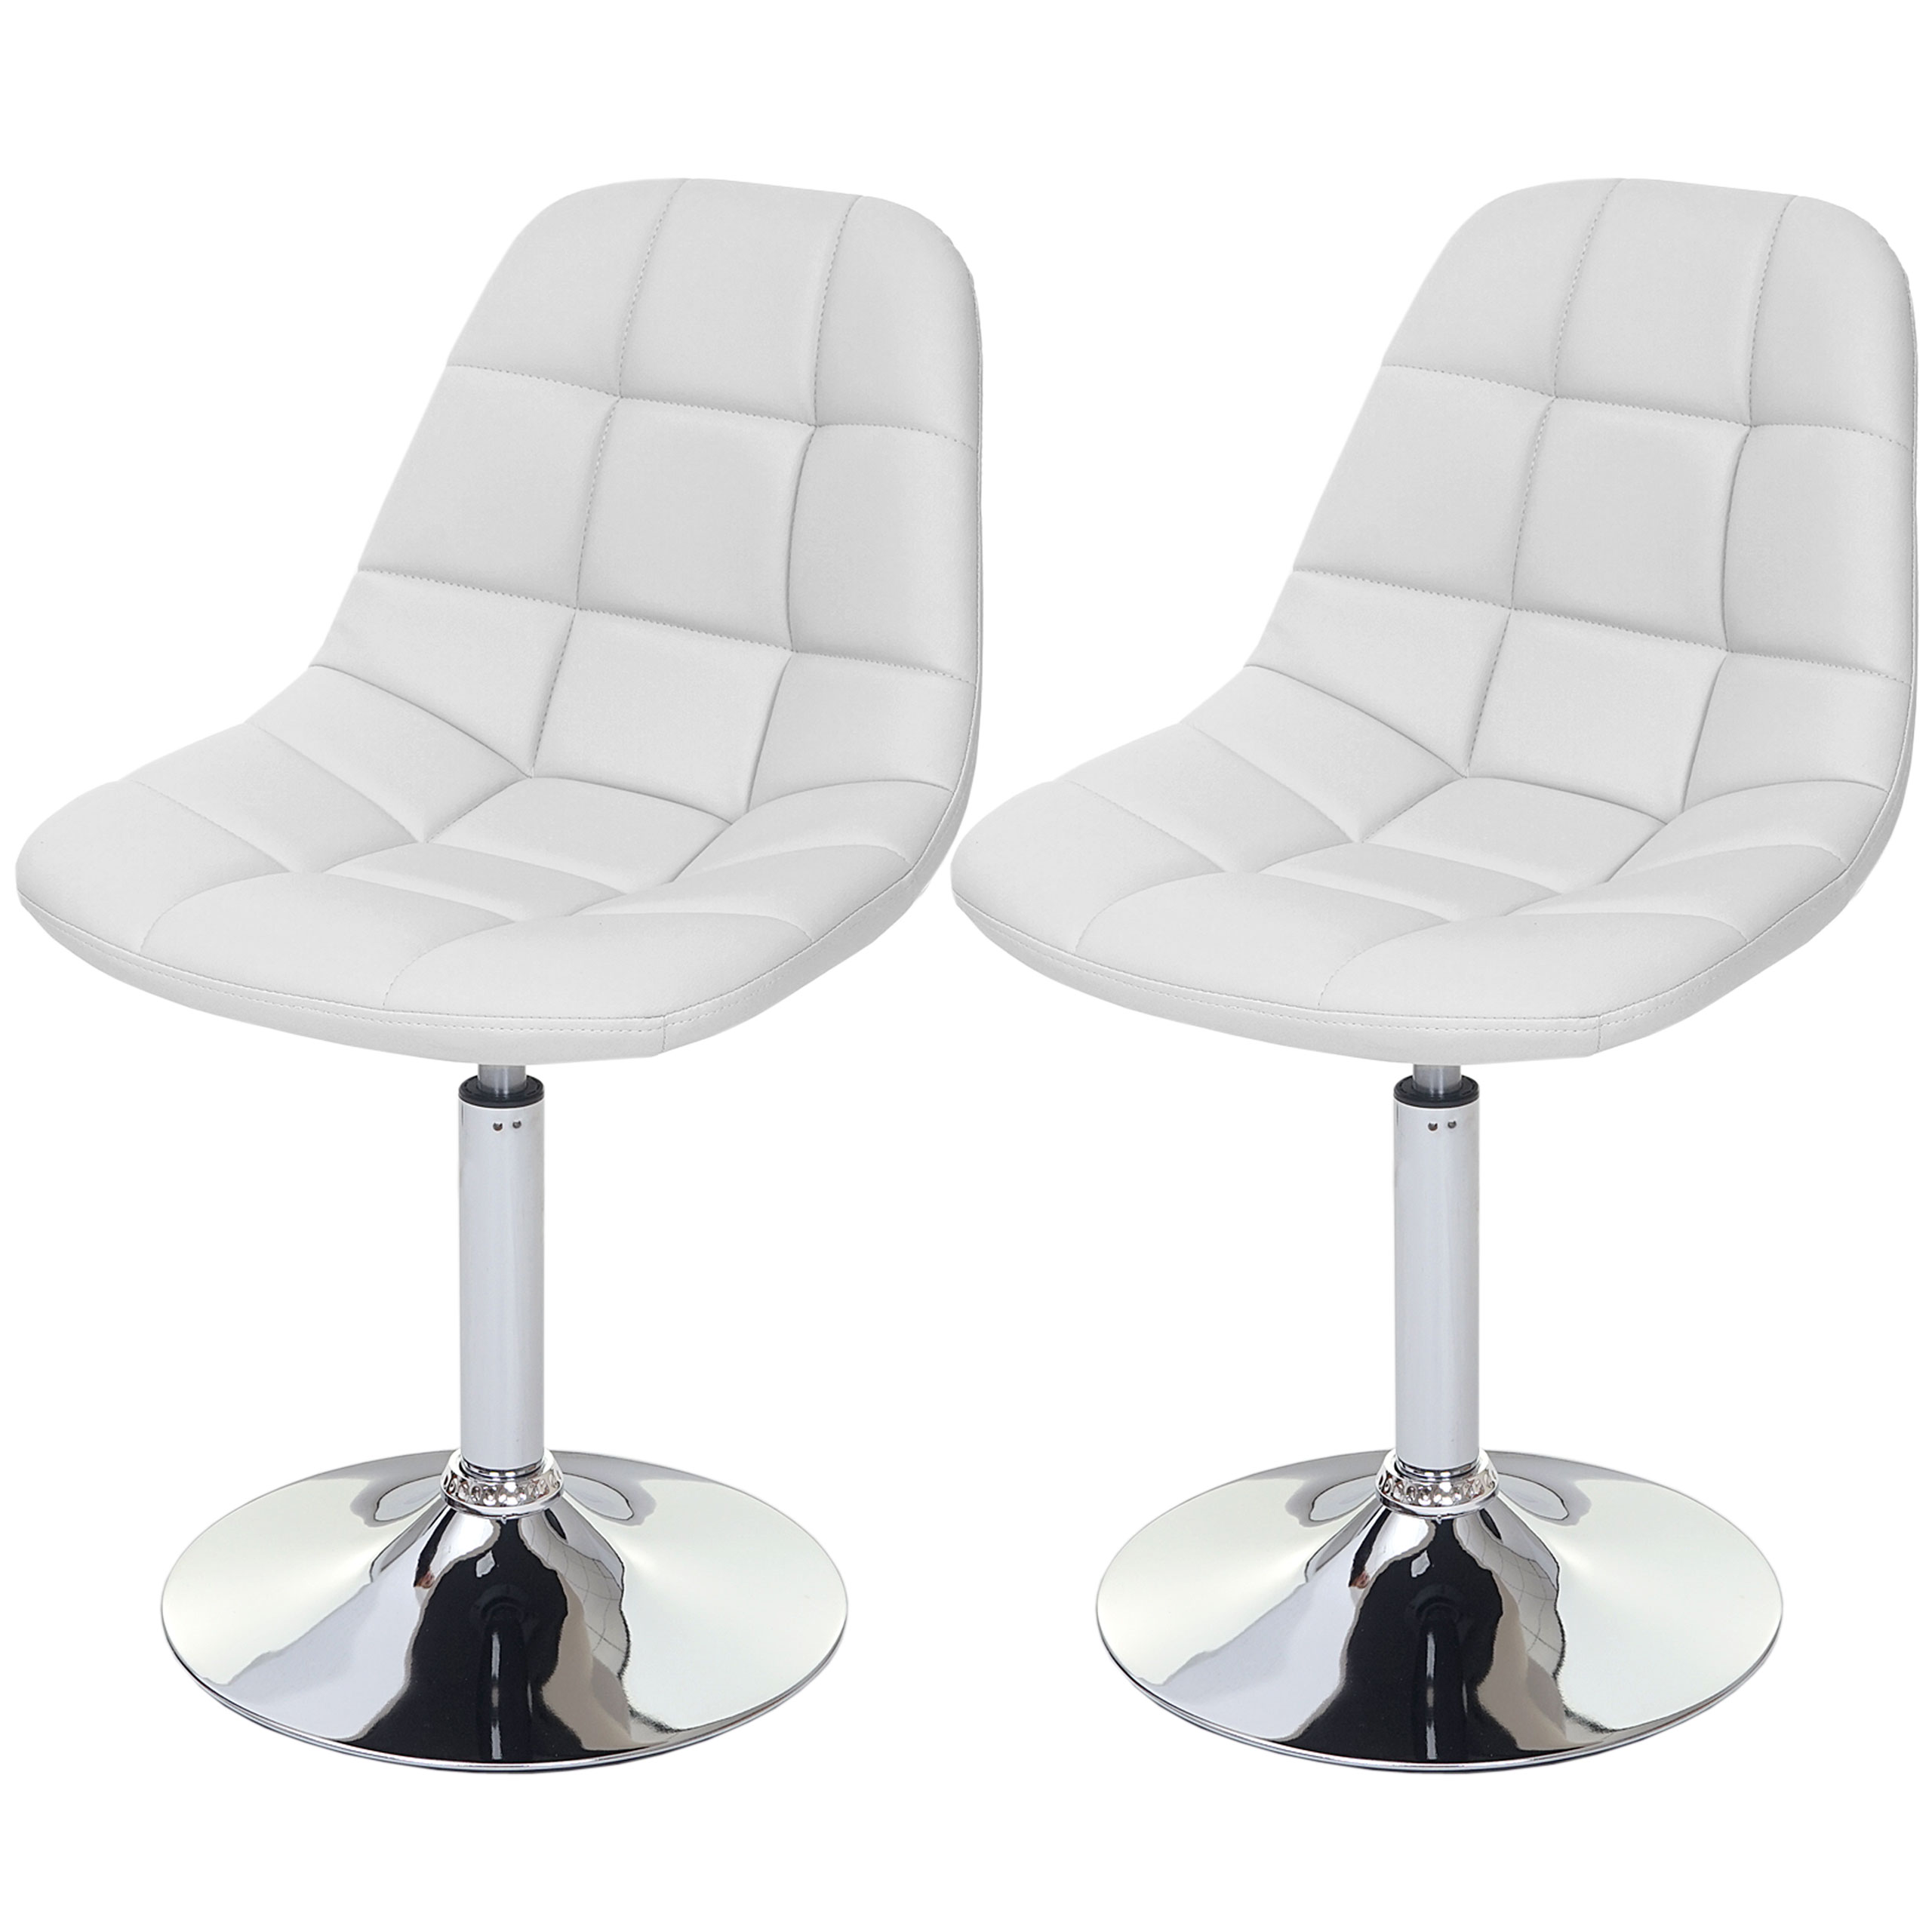 2x esszimmerstuhl pontedera stuhl drehstuhl chrom kunstleder wei ebay. Black Bedroom Furniture Sets. Home Design Ideas